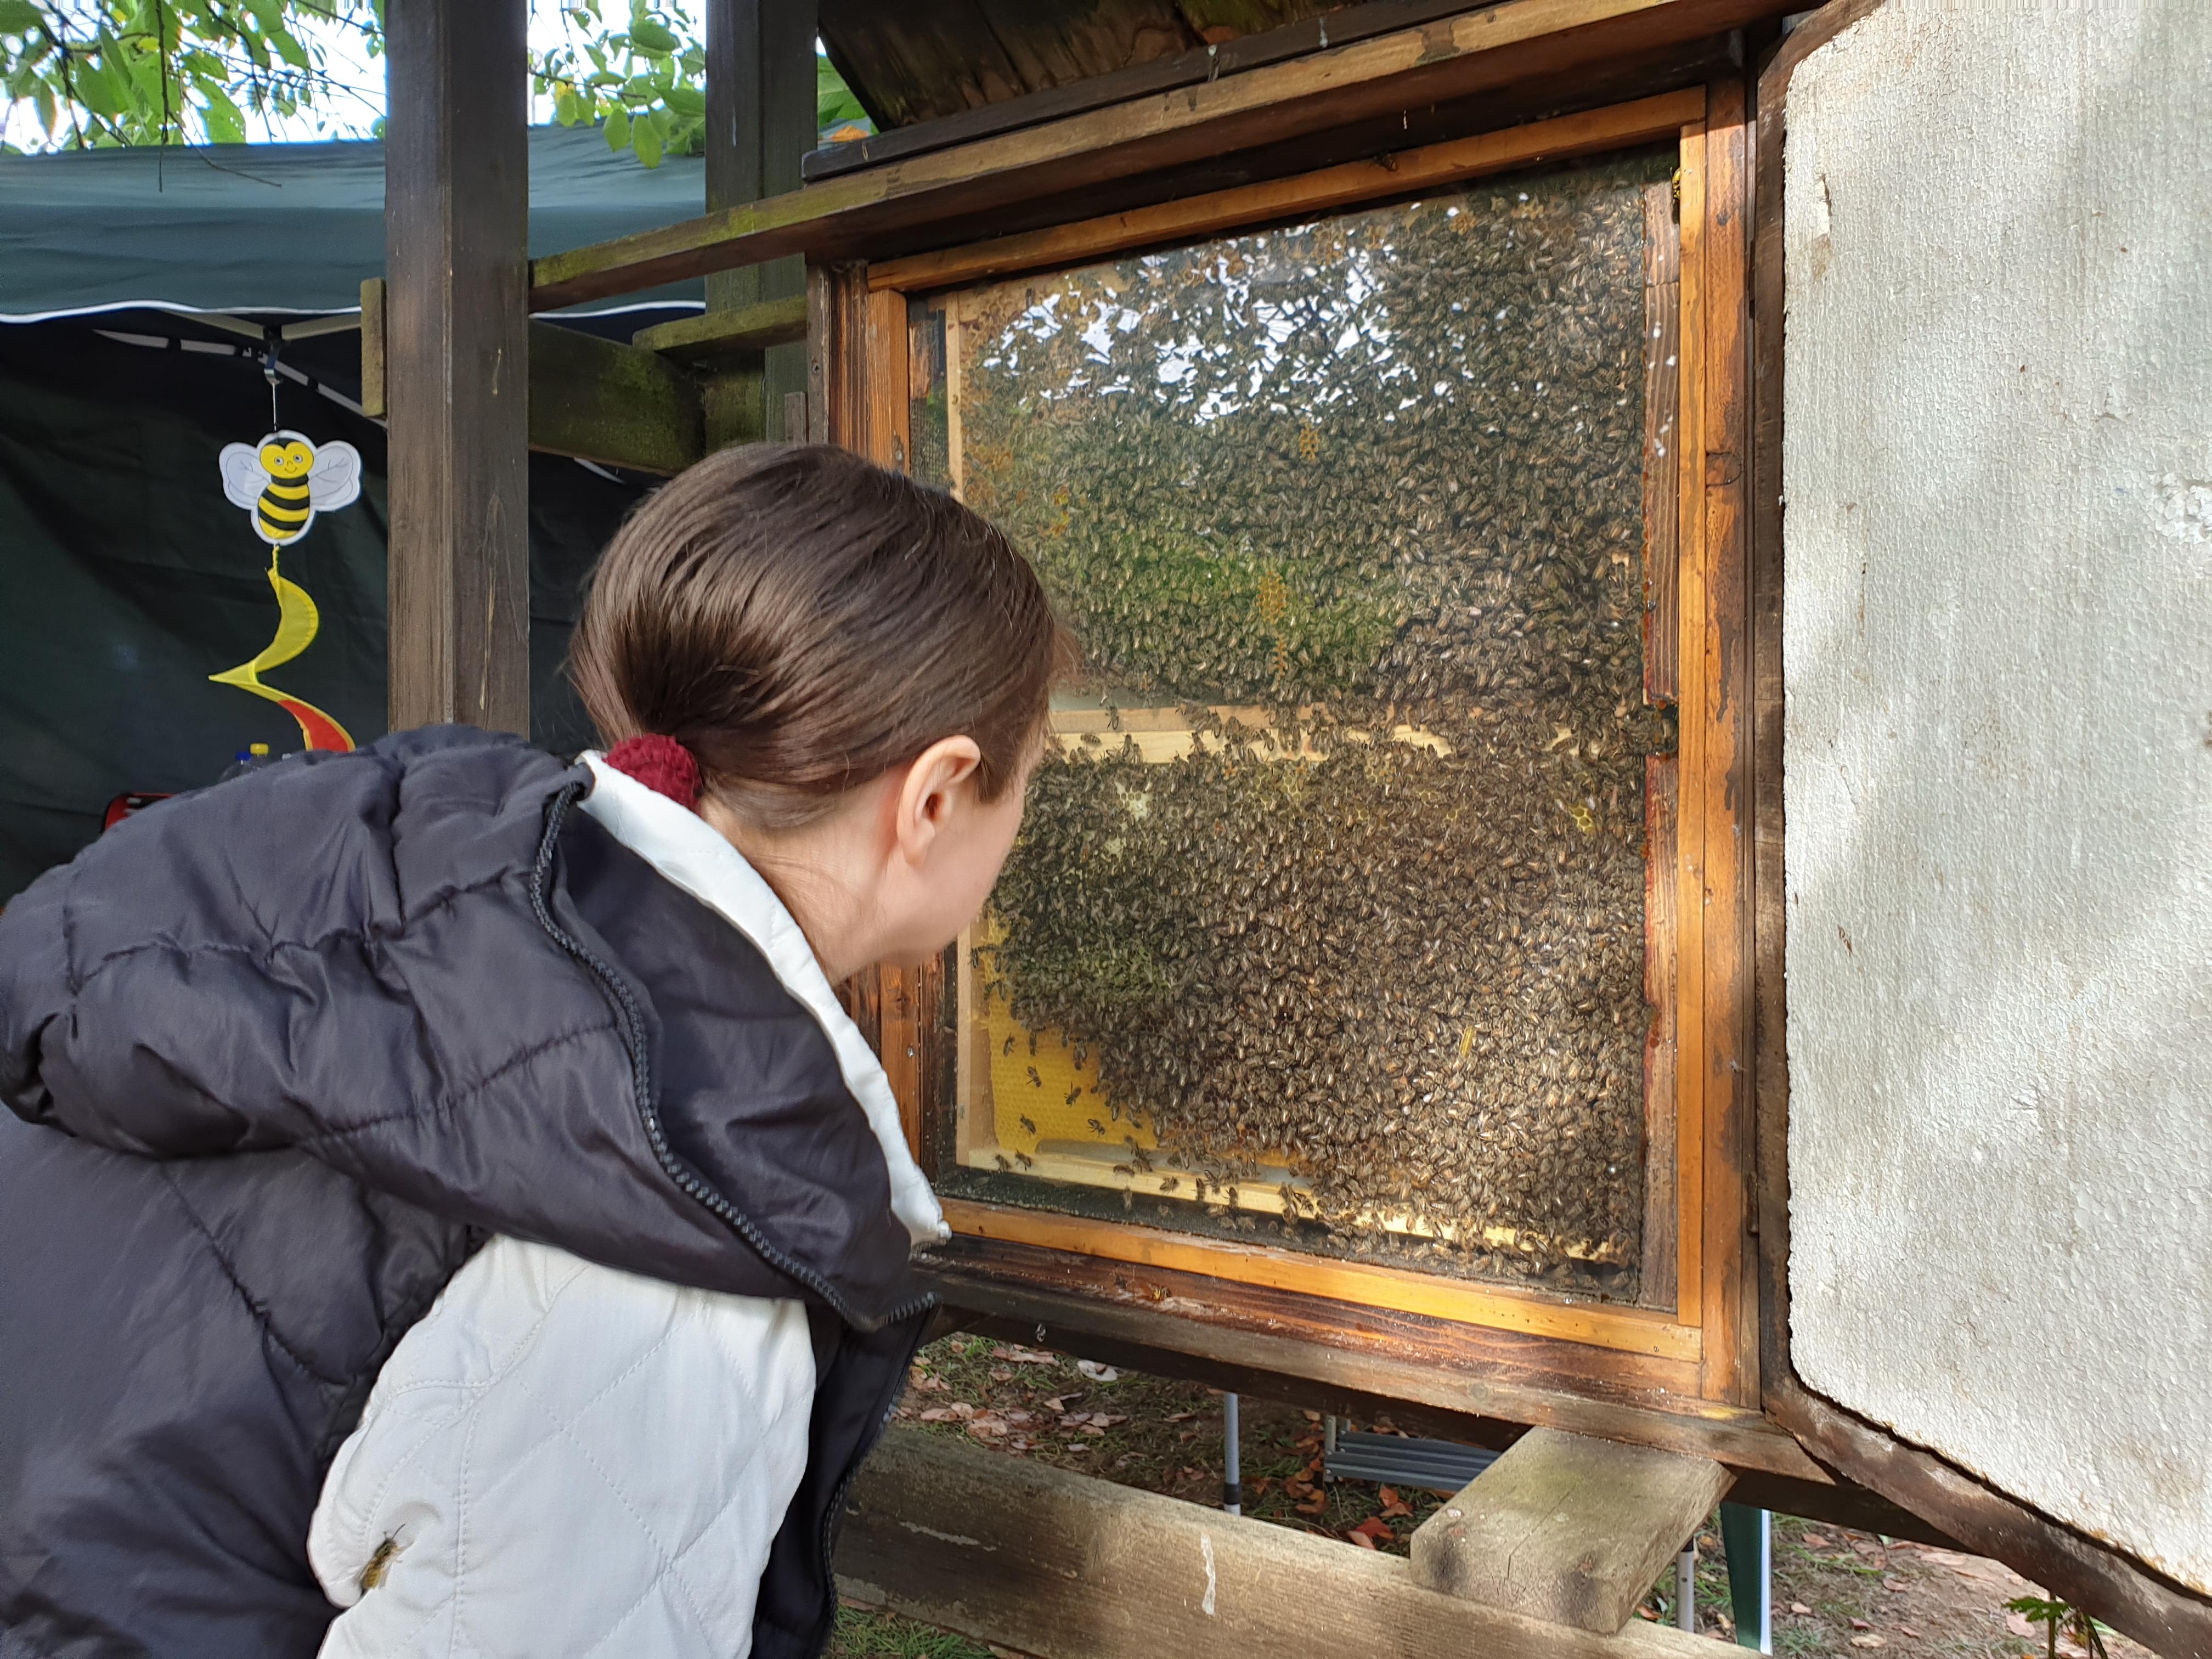 In der Natur-Schule Grund gibt es nicht nur Bienen zu sehen. | Foto: Sascha von Gerishem